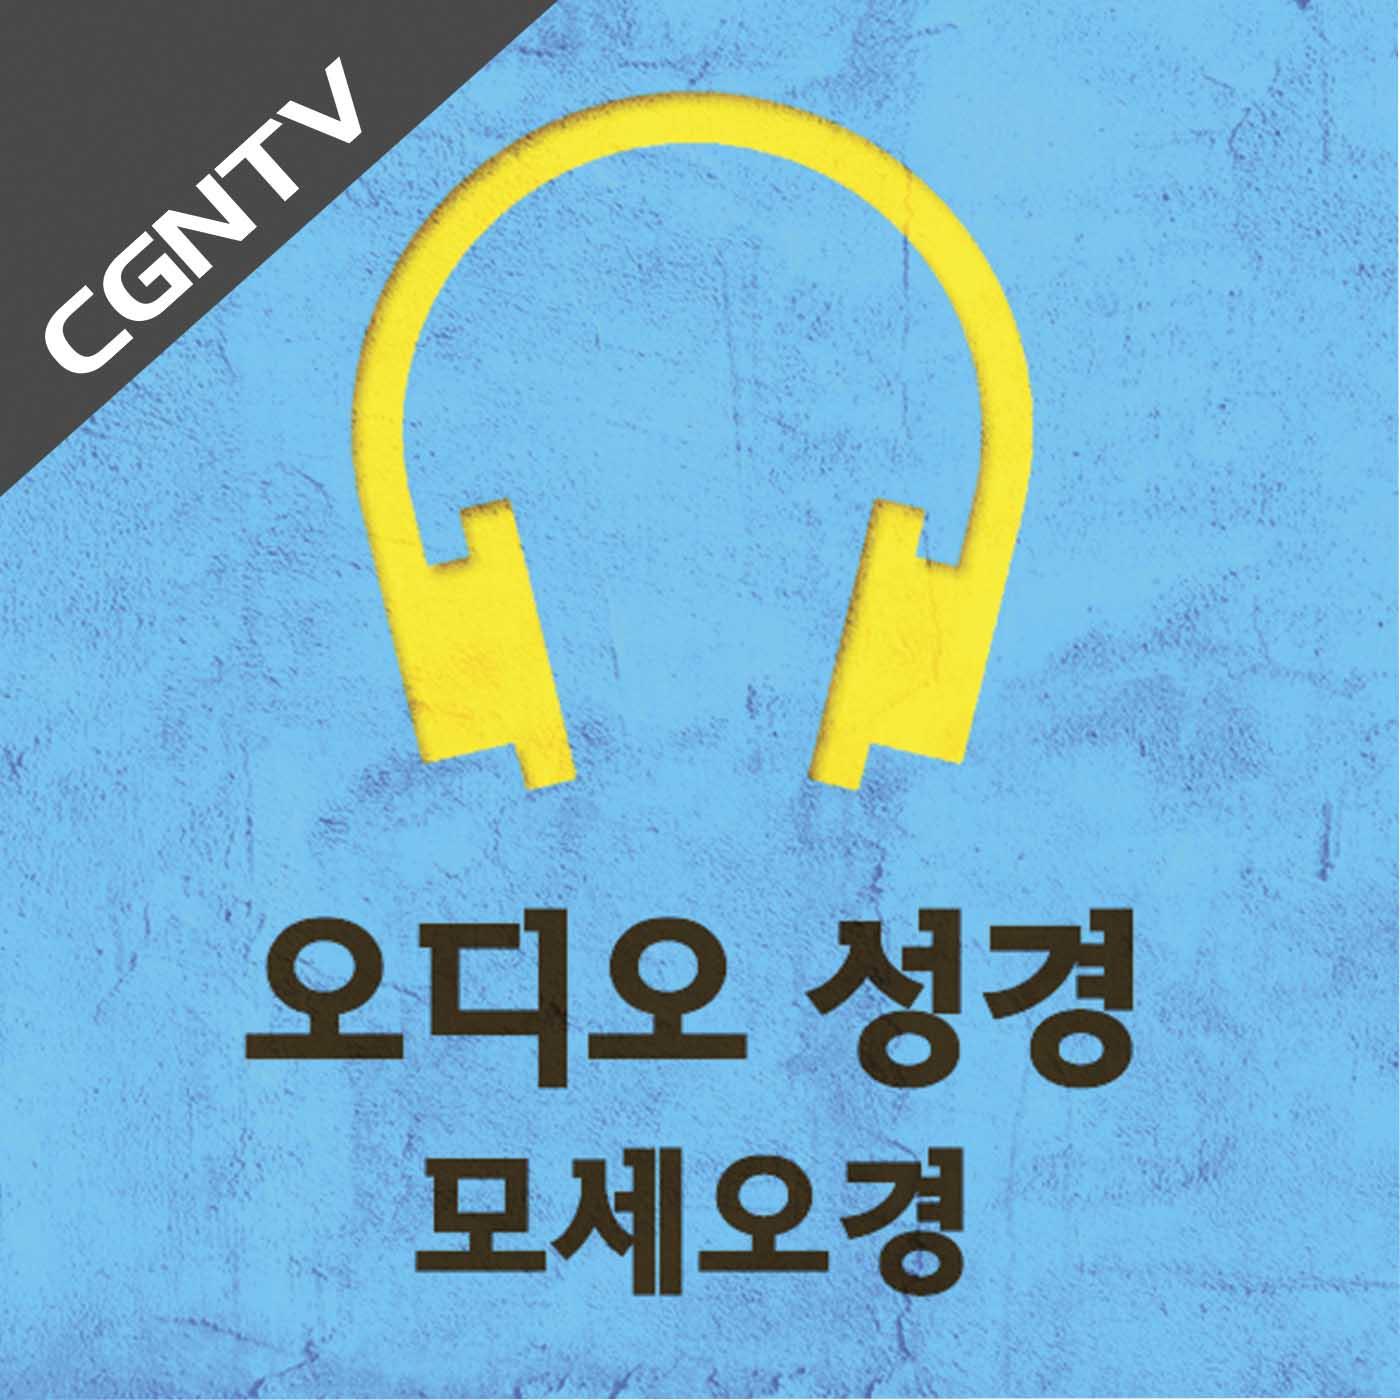 오디오 성경 - 모세오경 [CGNTV]